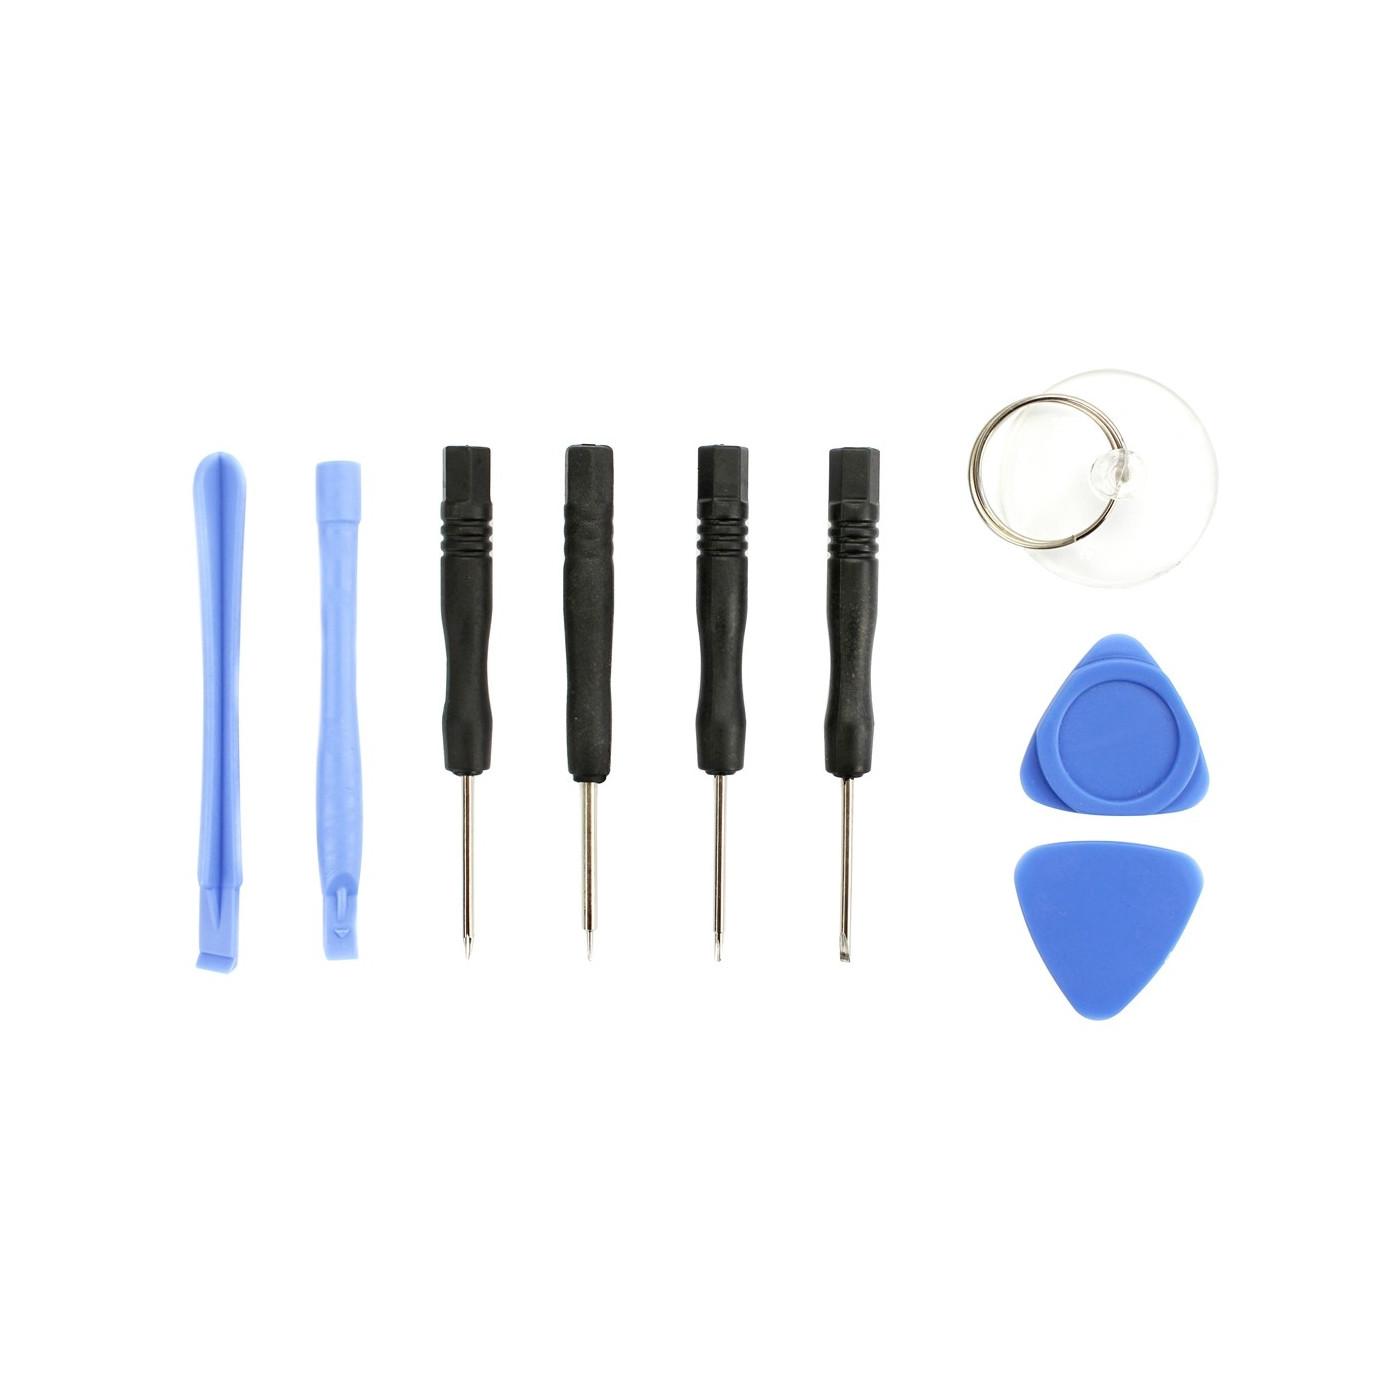 Kit 9 outils de réparation universels pour smartphones et téléphones portables iphone 7